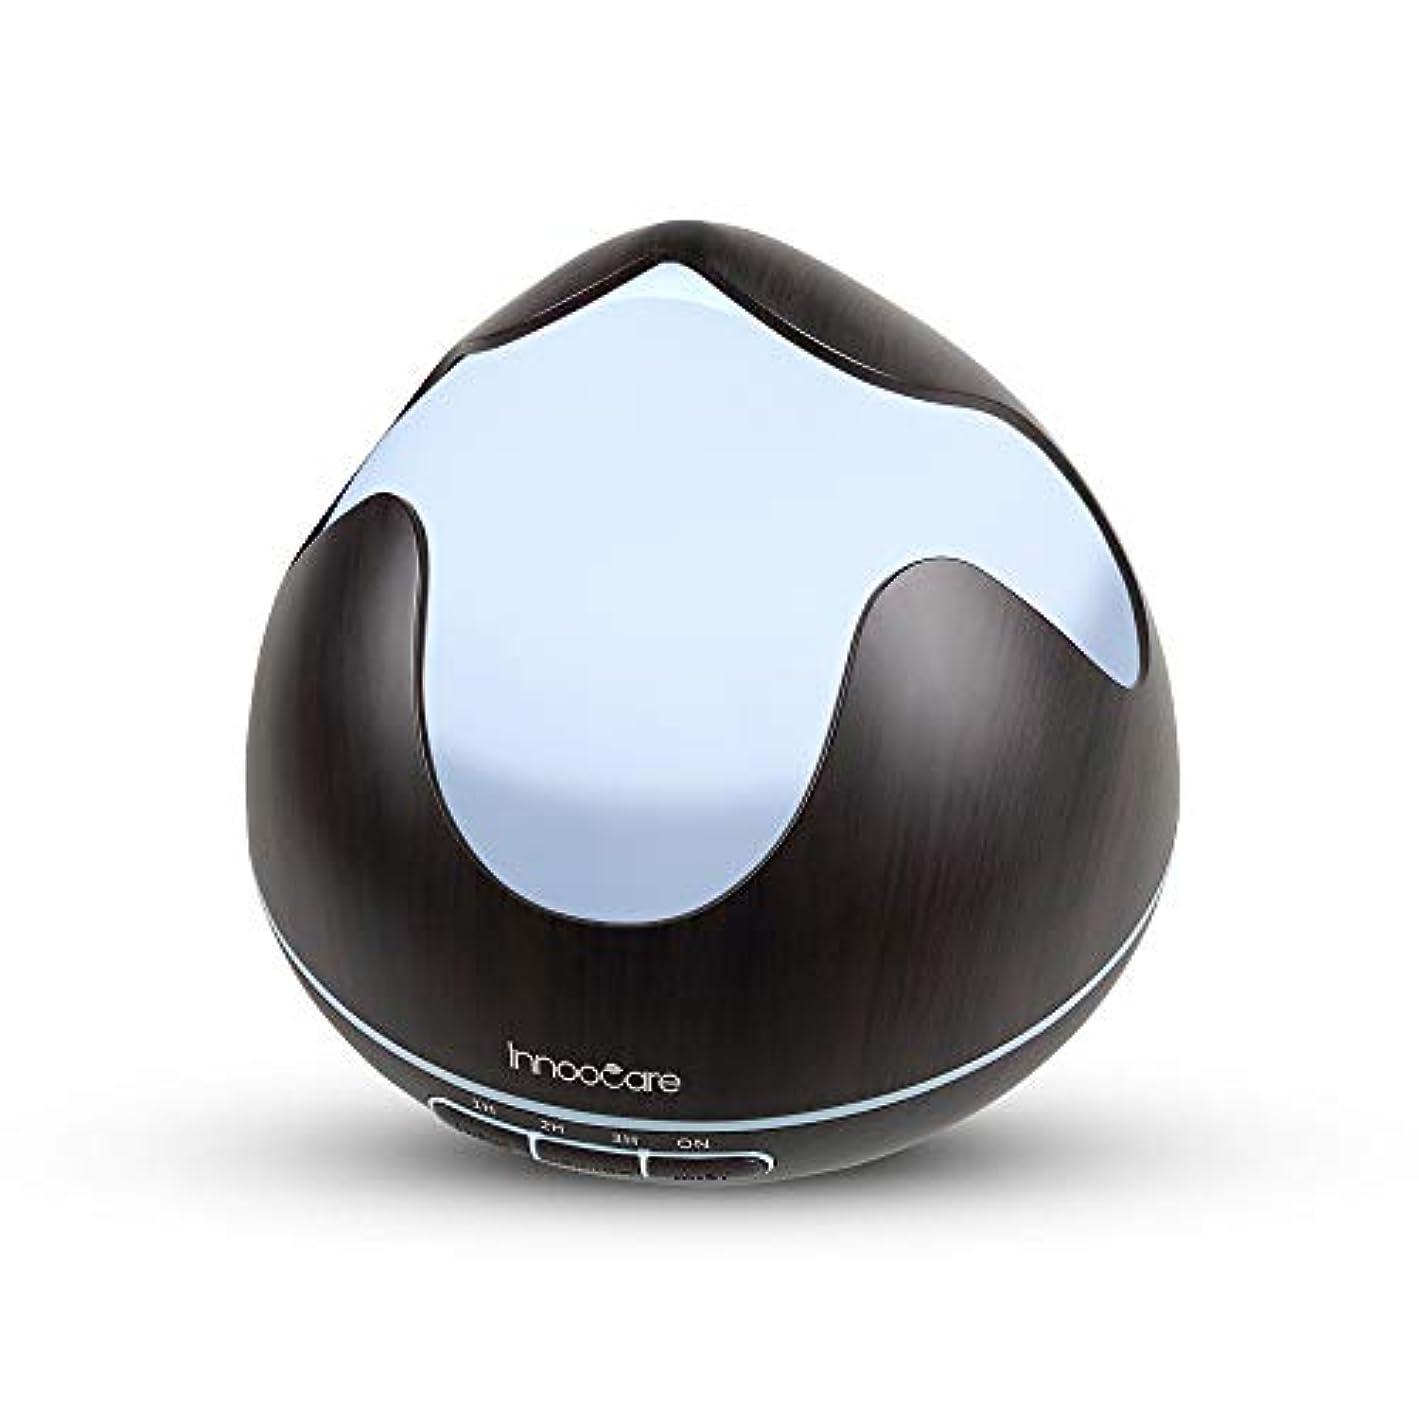 暗殺するライター魅力的400ミリリットル超音波クールミストアロマ加湿器、アロマセラピーエッセンシャルオイルディフューザー付き7色変更LEDライト、調節可能,Deepgrain